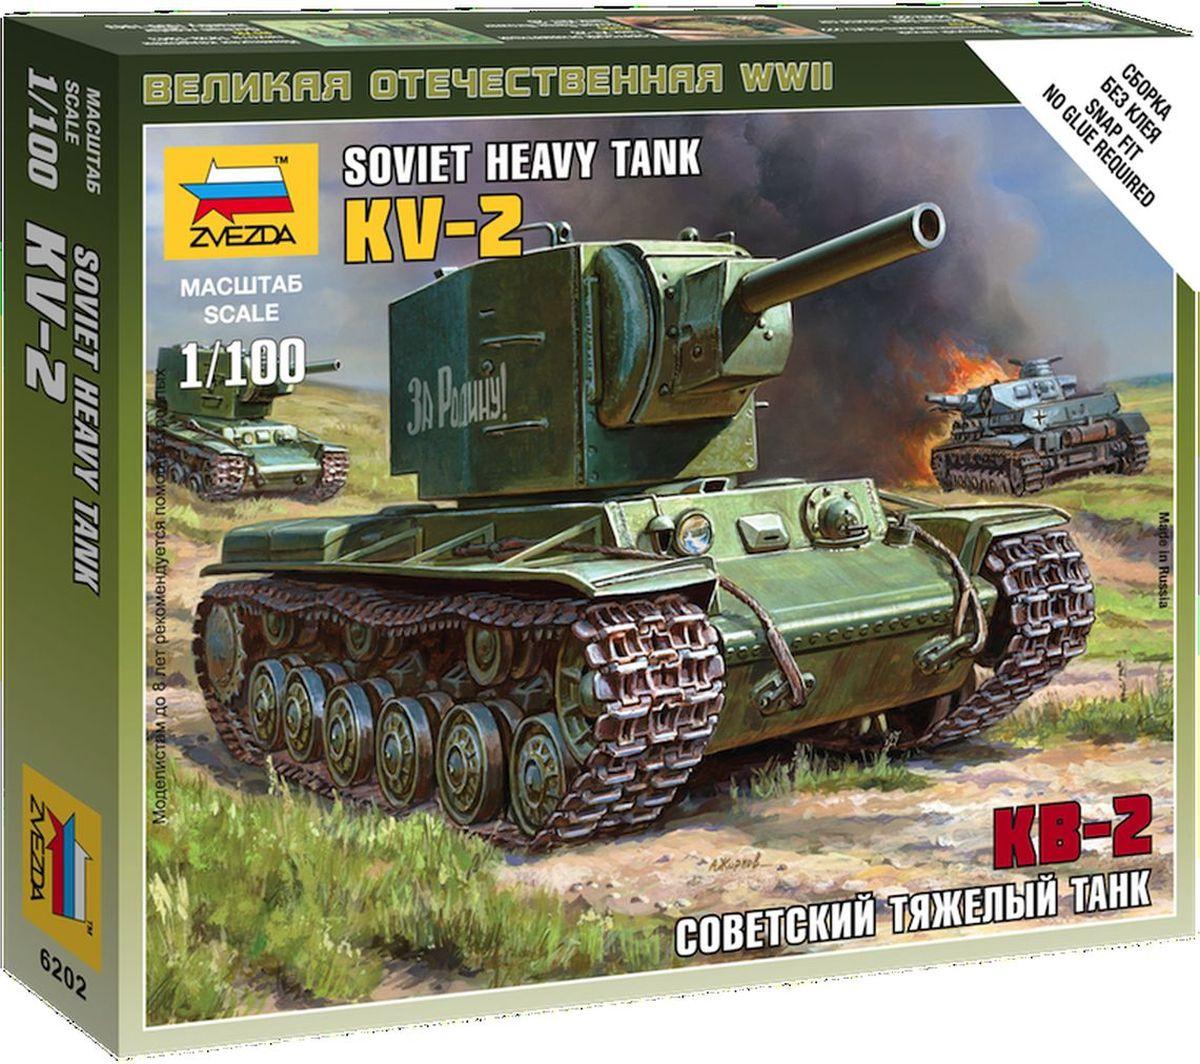 bdd641073 Звезда Сборная модель Советский тяжелый танк КВ-2 — купить в интернет-магазине  OZON с быстрой доставкой